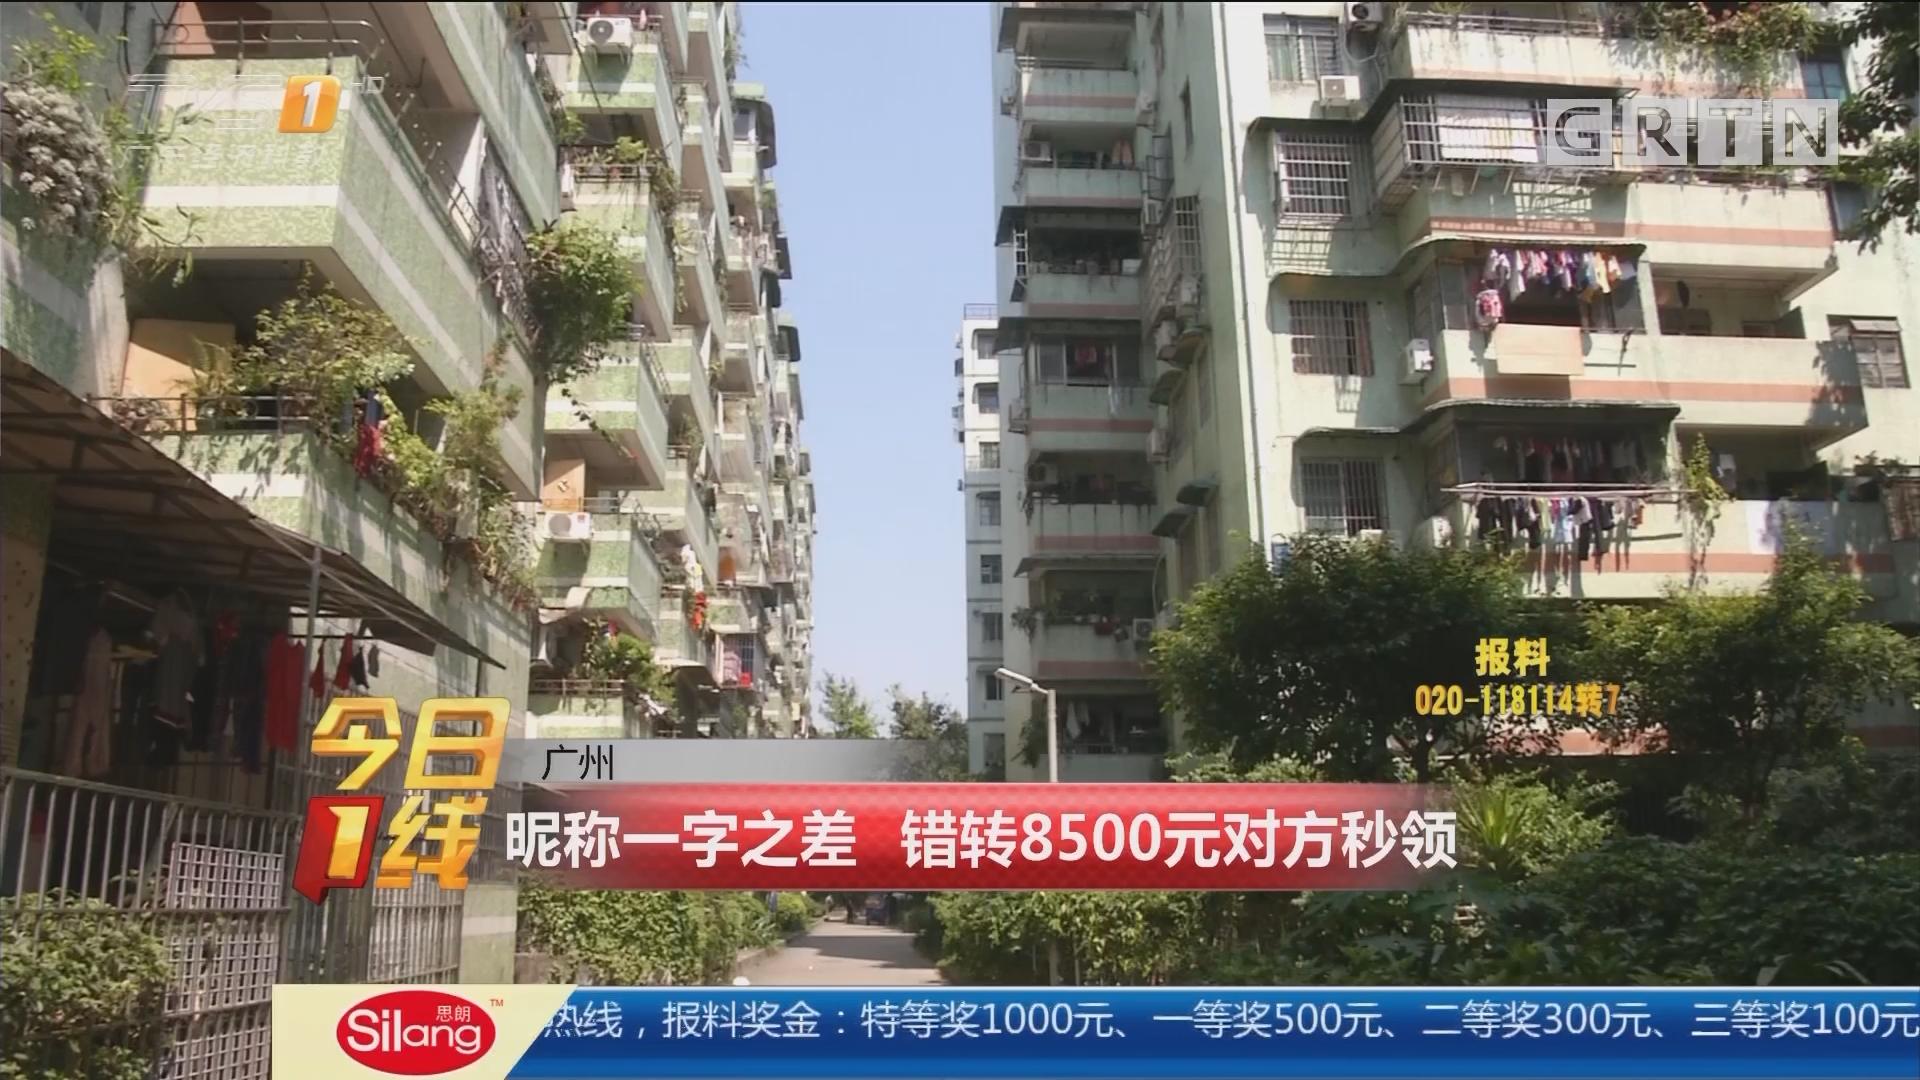 广州:昵称一字之差 错转8500元对方秒领